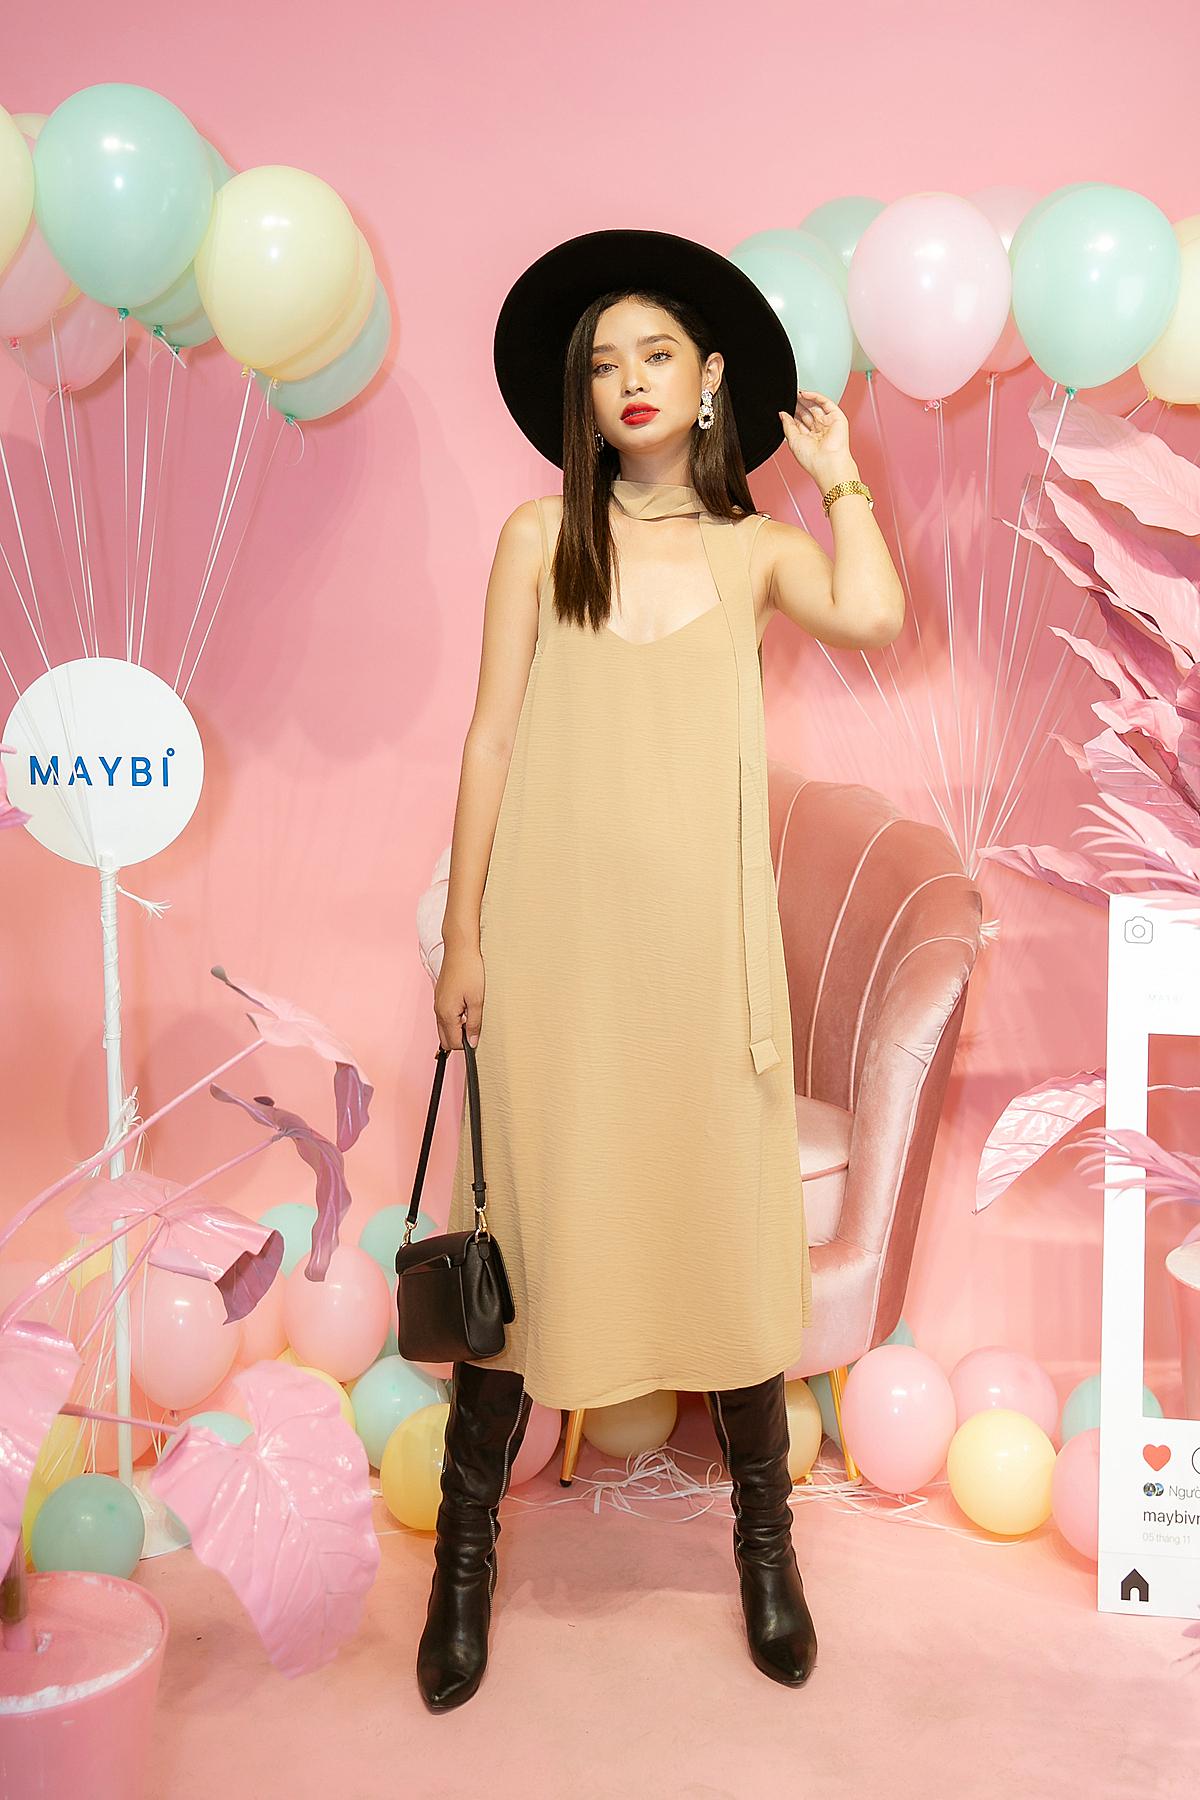 Khi bạn vừa thích phong cách bánh bèo, vừa yêu sựcá tính, người mẫuNhư Mỹ gợi ý cáchkết hợp hài hoà giữa chiếc váy suông màu beige cùng đôi bốt mạnh mẽ và các phụ kiện đi kèm.